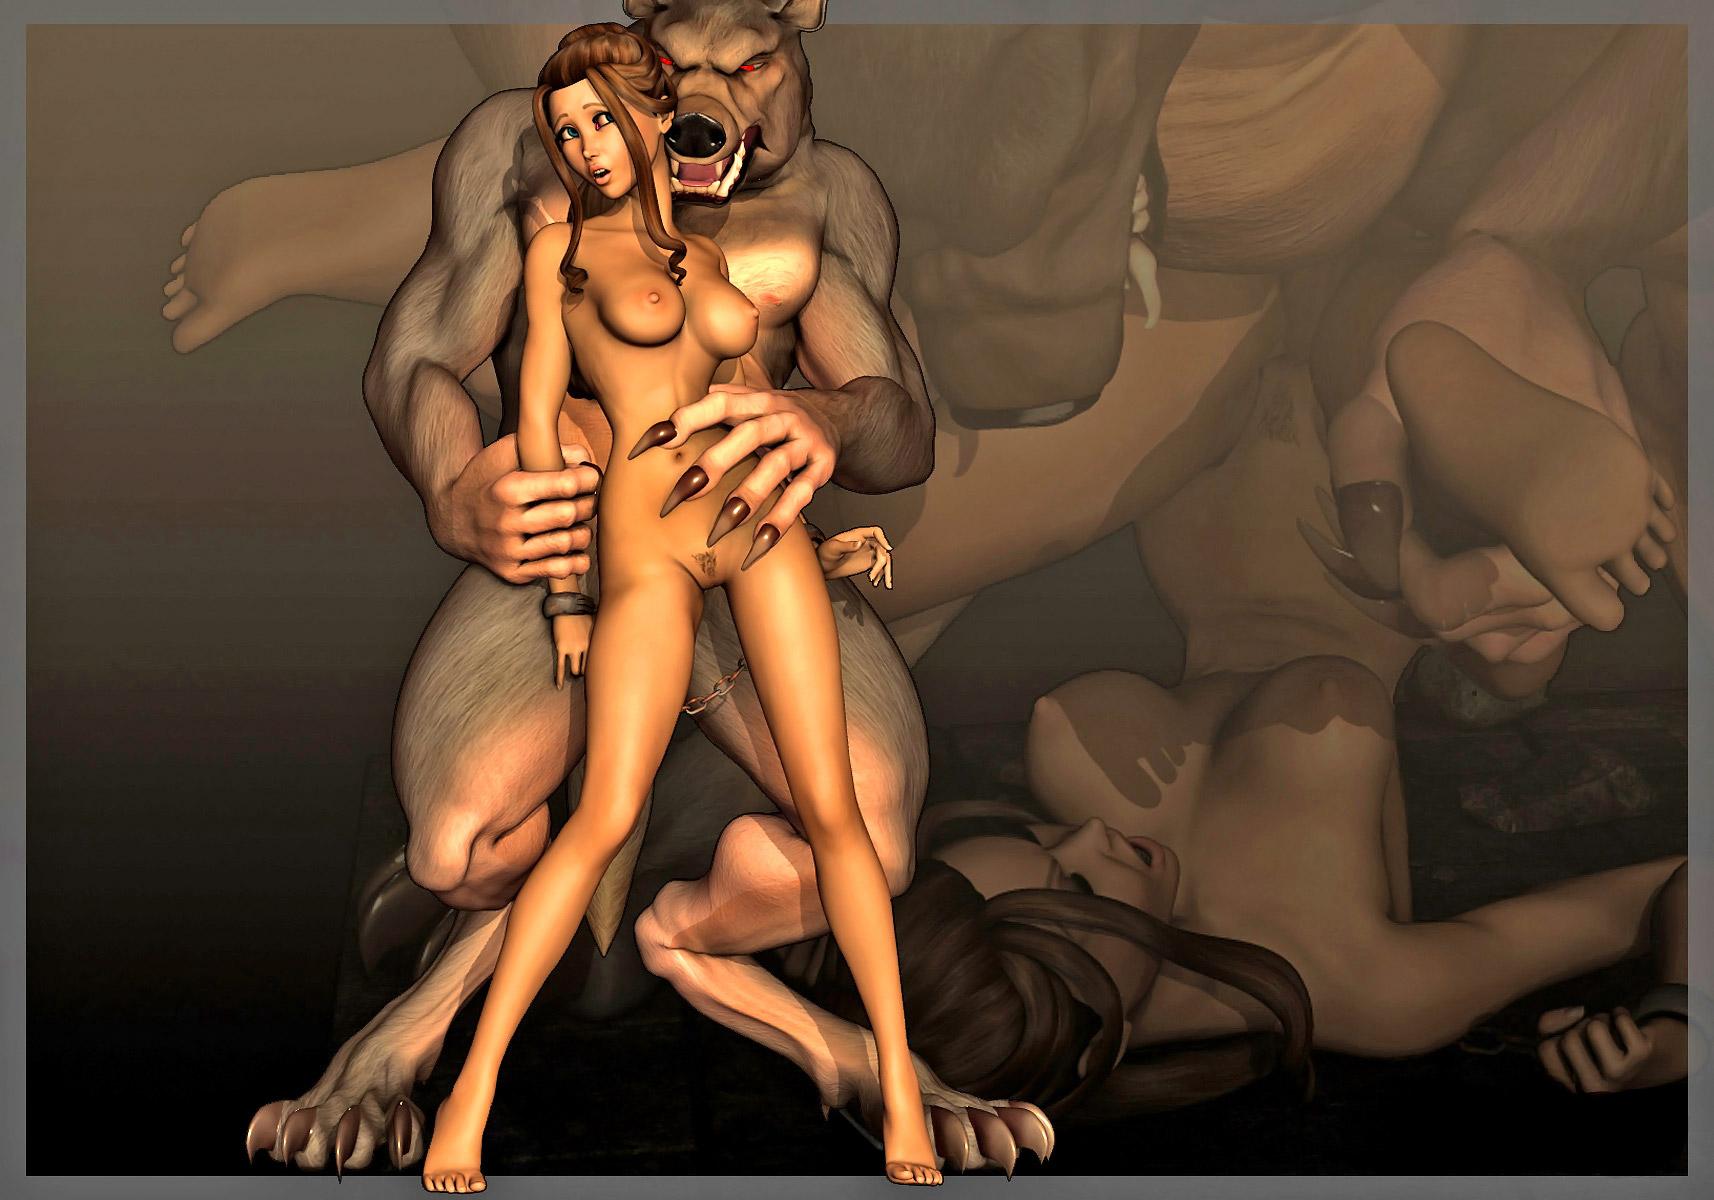 Lara croft et des alien hentai hentai comics